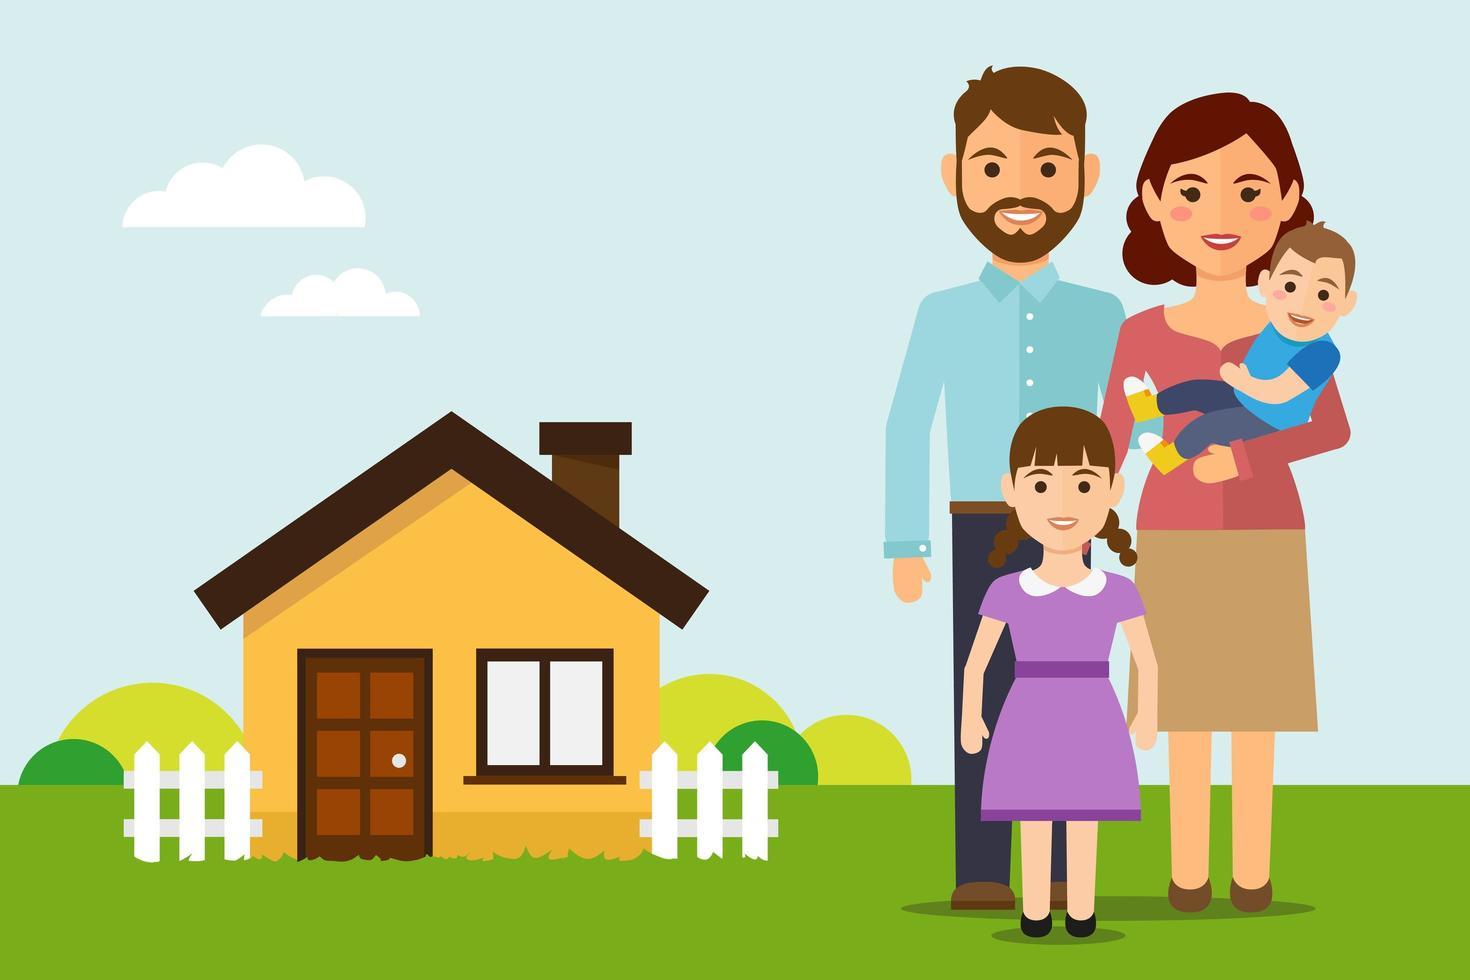 famiglia felice fuori casa vettore